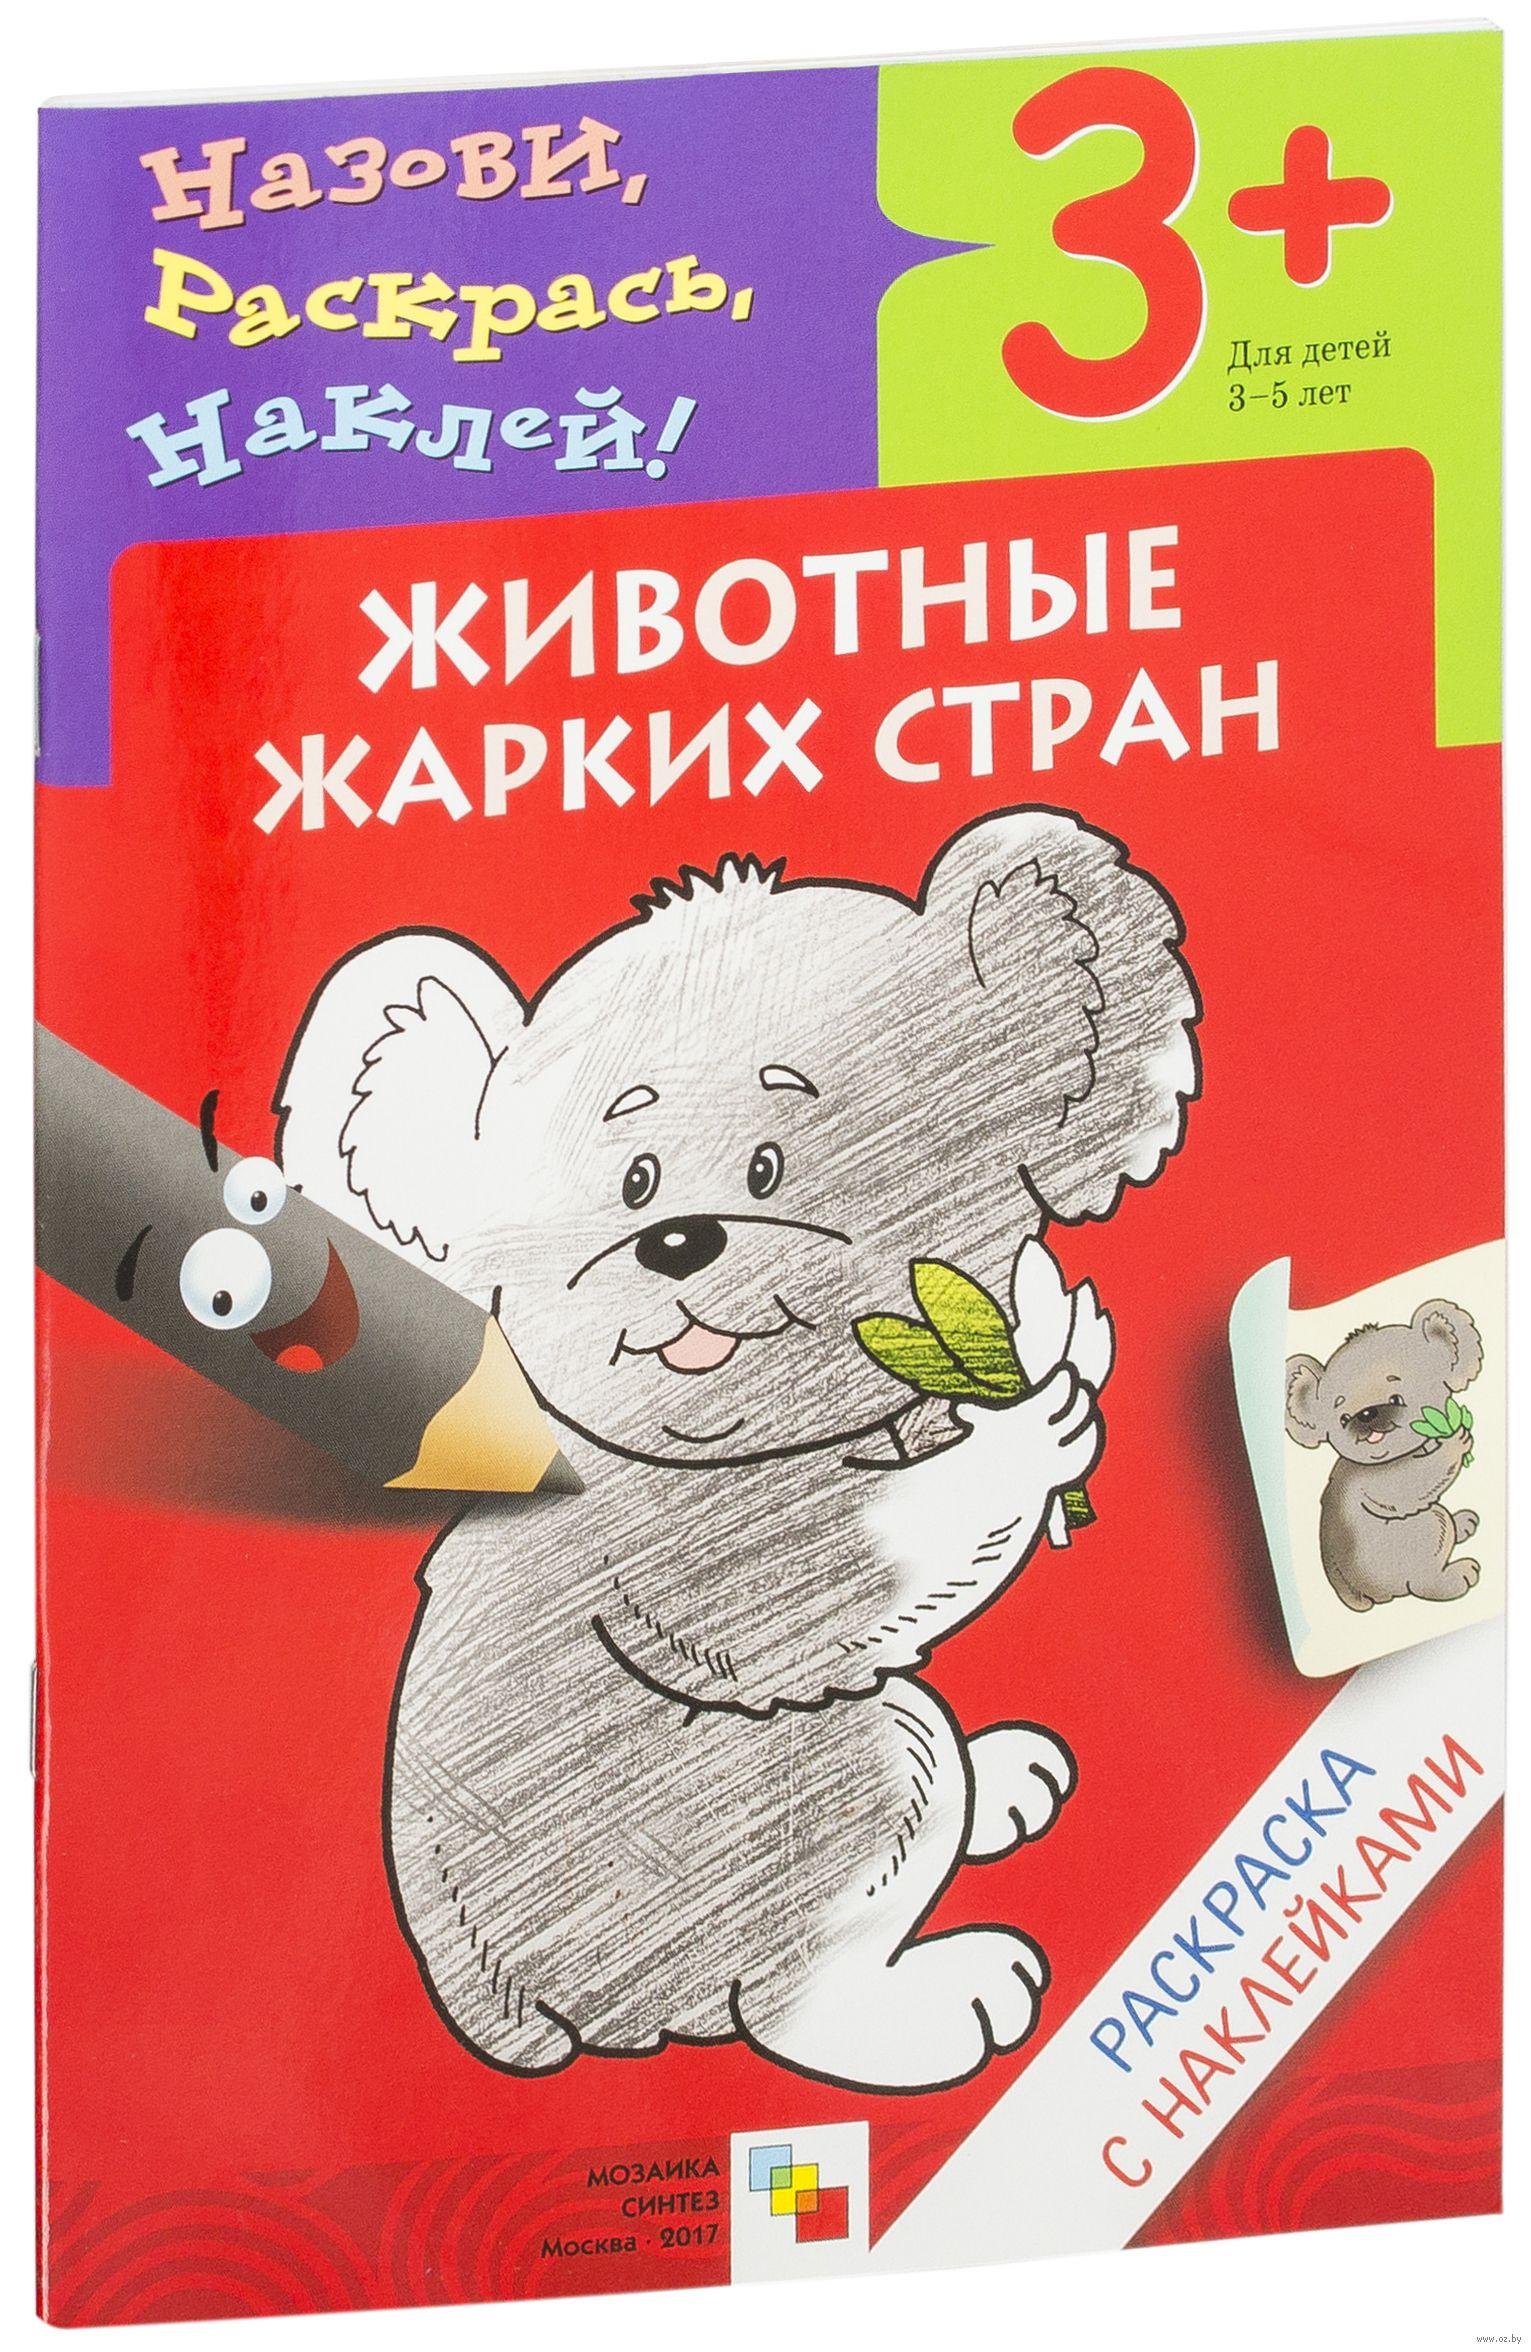 животные жарких стран раскраска с наклейками для детей 3 5 лет на Oz By